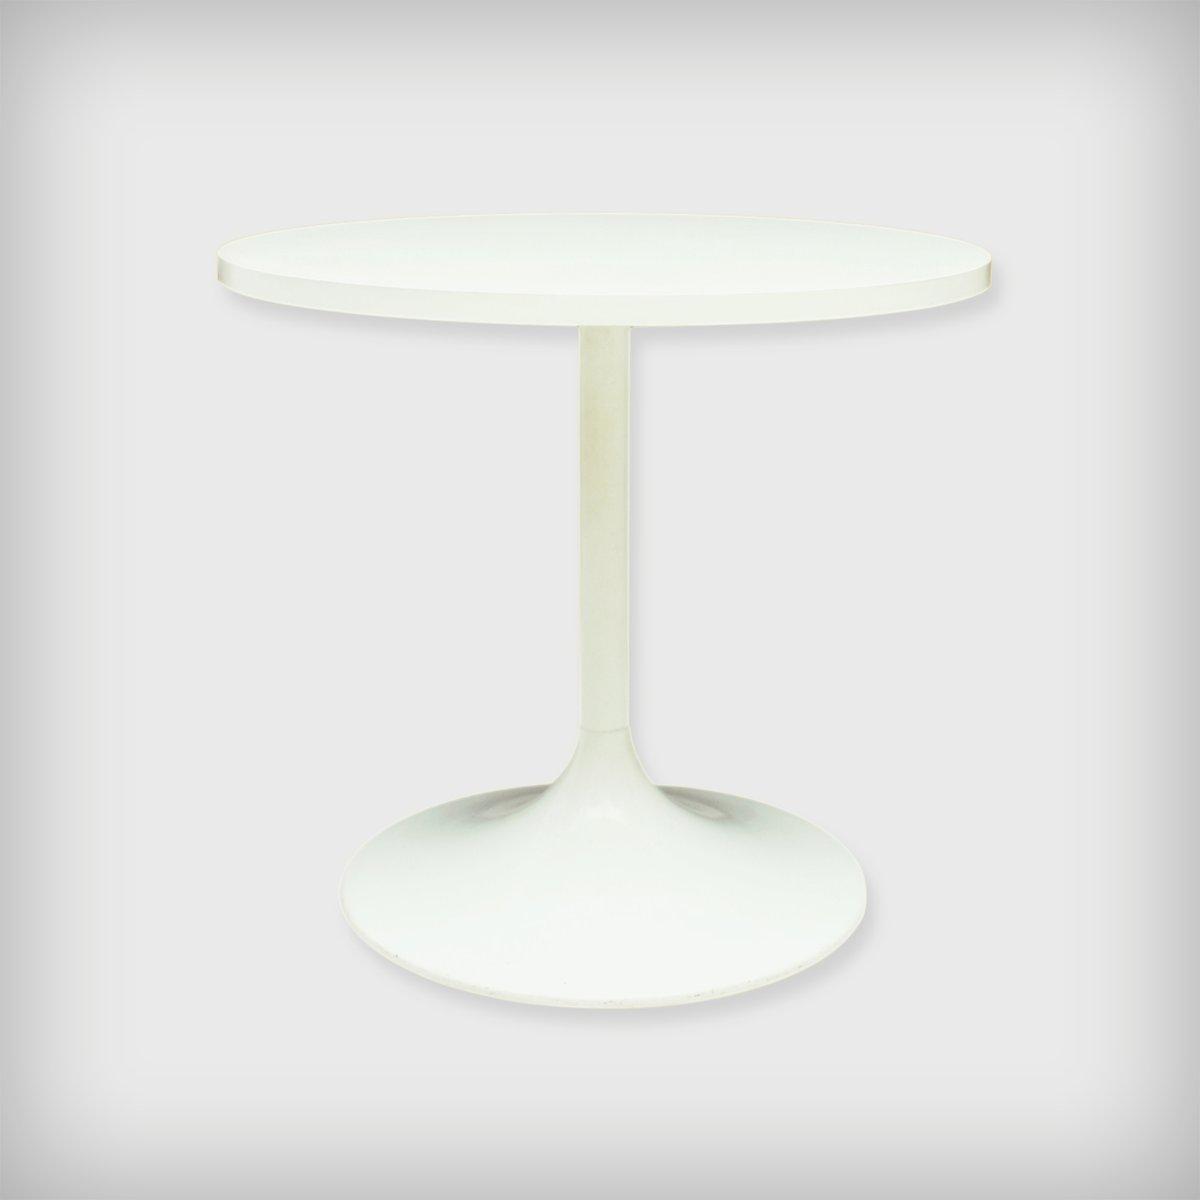 table d appoint mod le 3665 tulipe blanche de ilse m bel 1970s en vente sur pamono. Black Bedroom Furniture Sets. Home Design Ideas